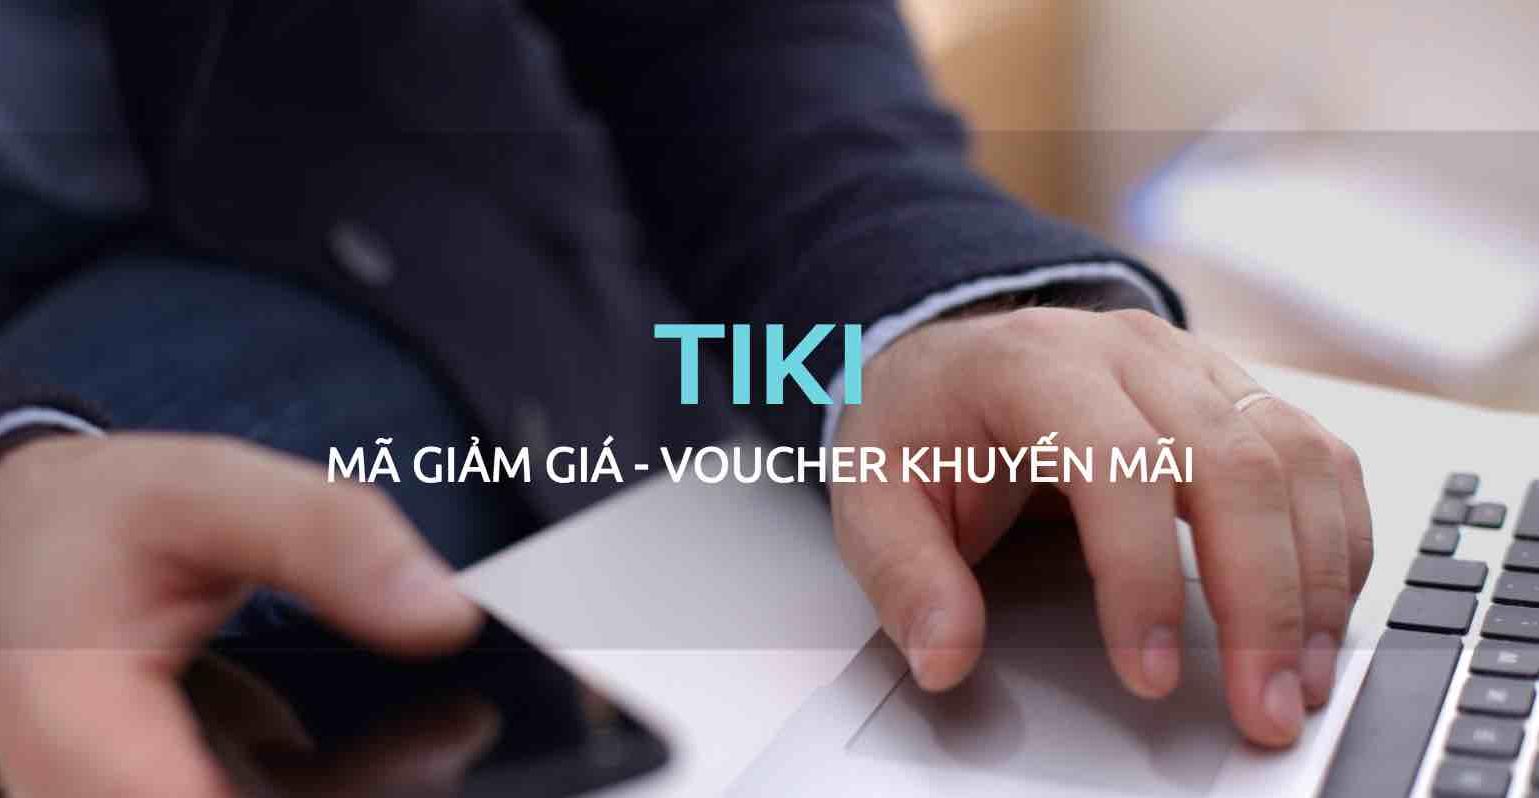 Mã Tiki voucher mang lại rất nhiều lợi ích cho các tín đồ mua sắm online